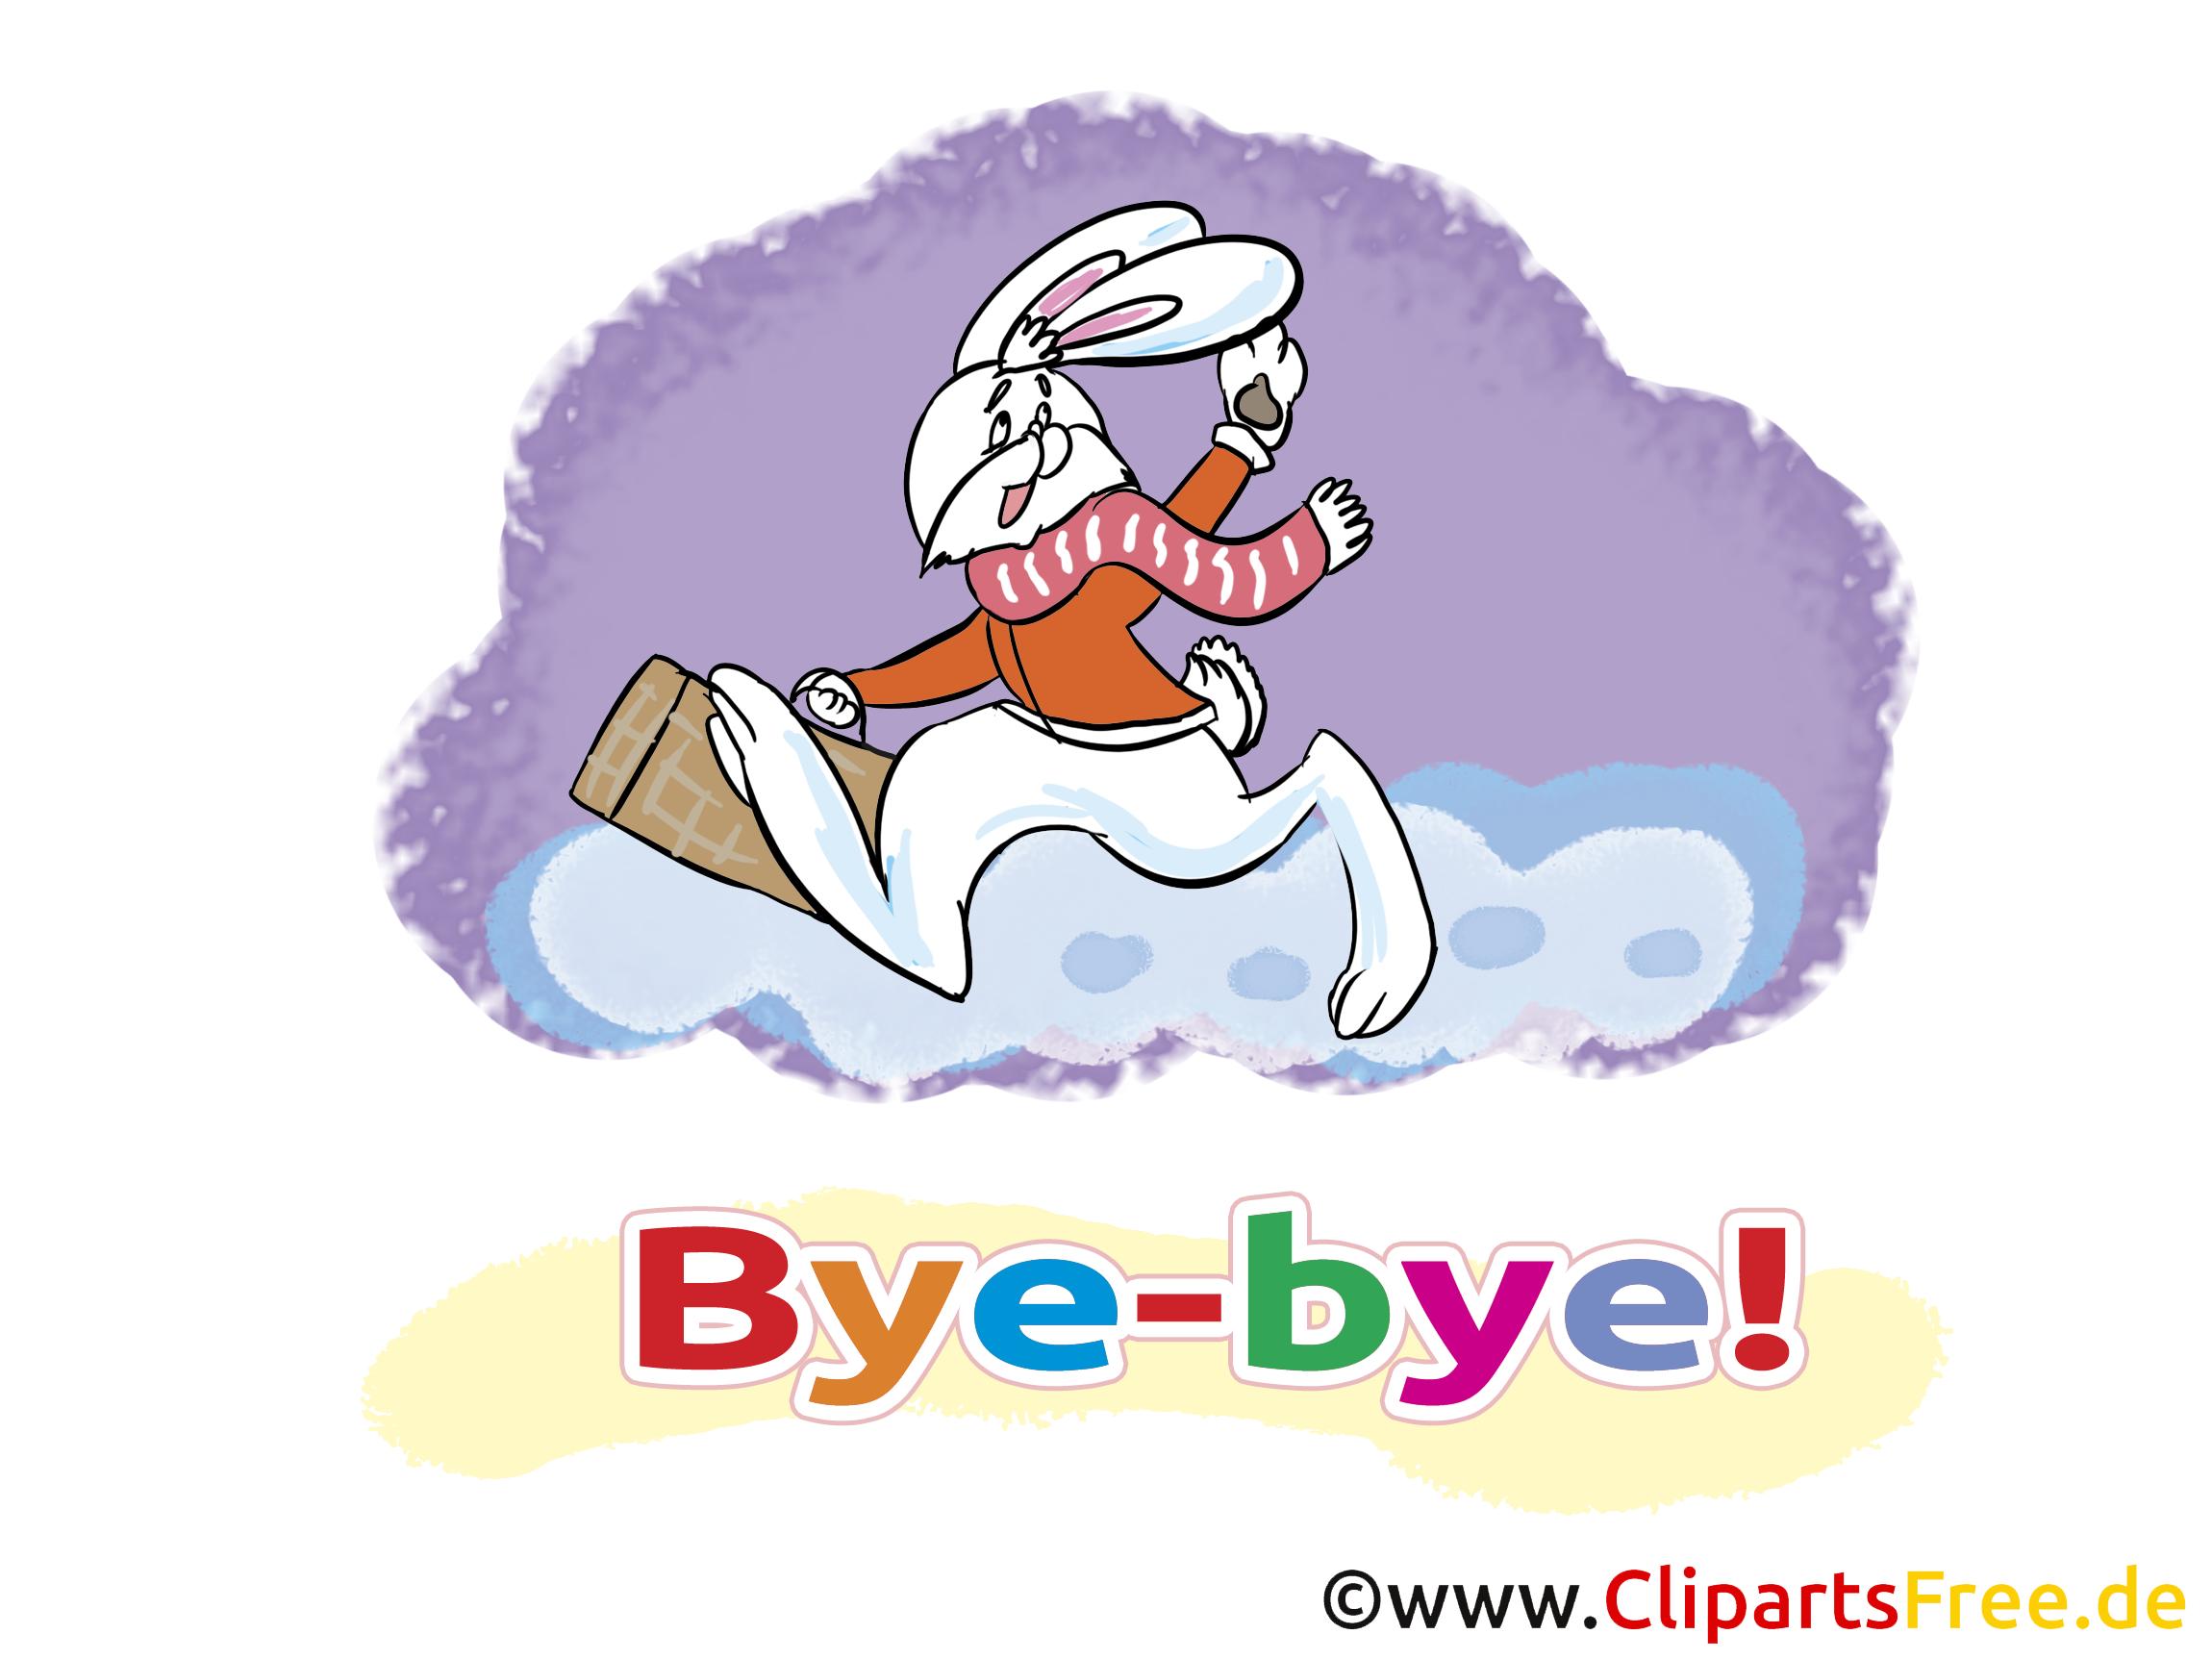 Lièvre image gratuite - Adieu cliparts